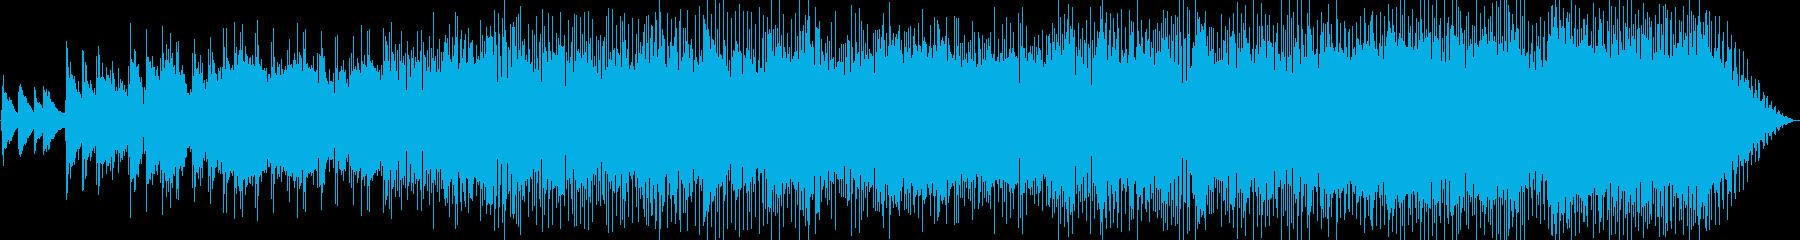 おしゃれで少しジャジーなスローポップスの再生済みの波形